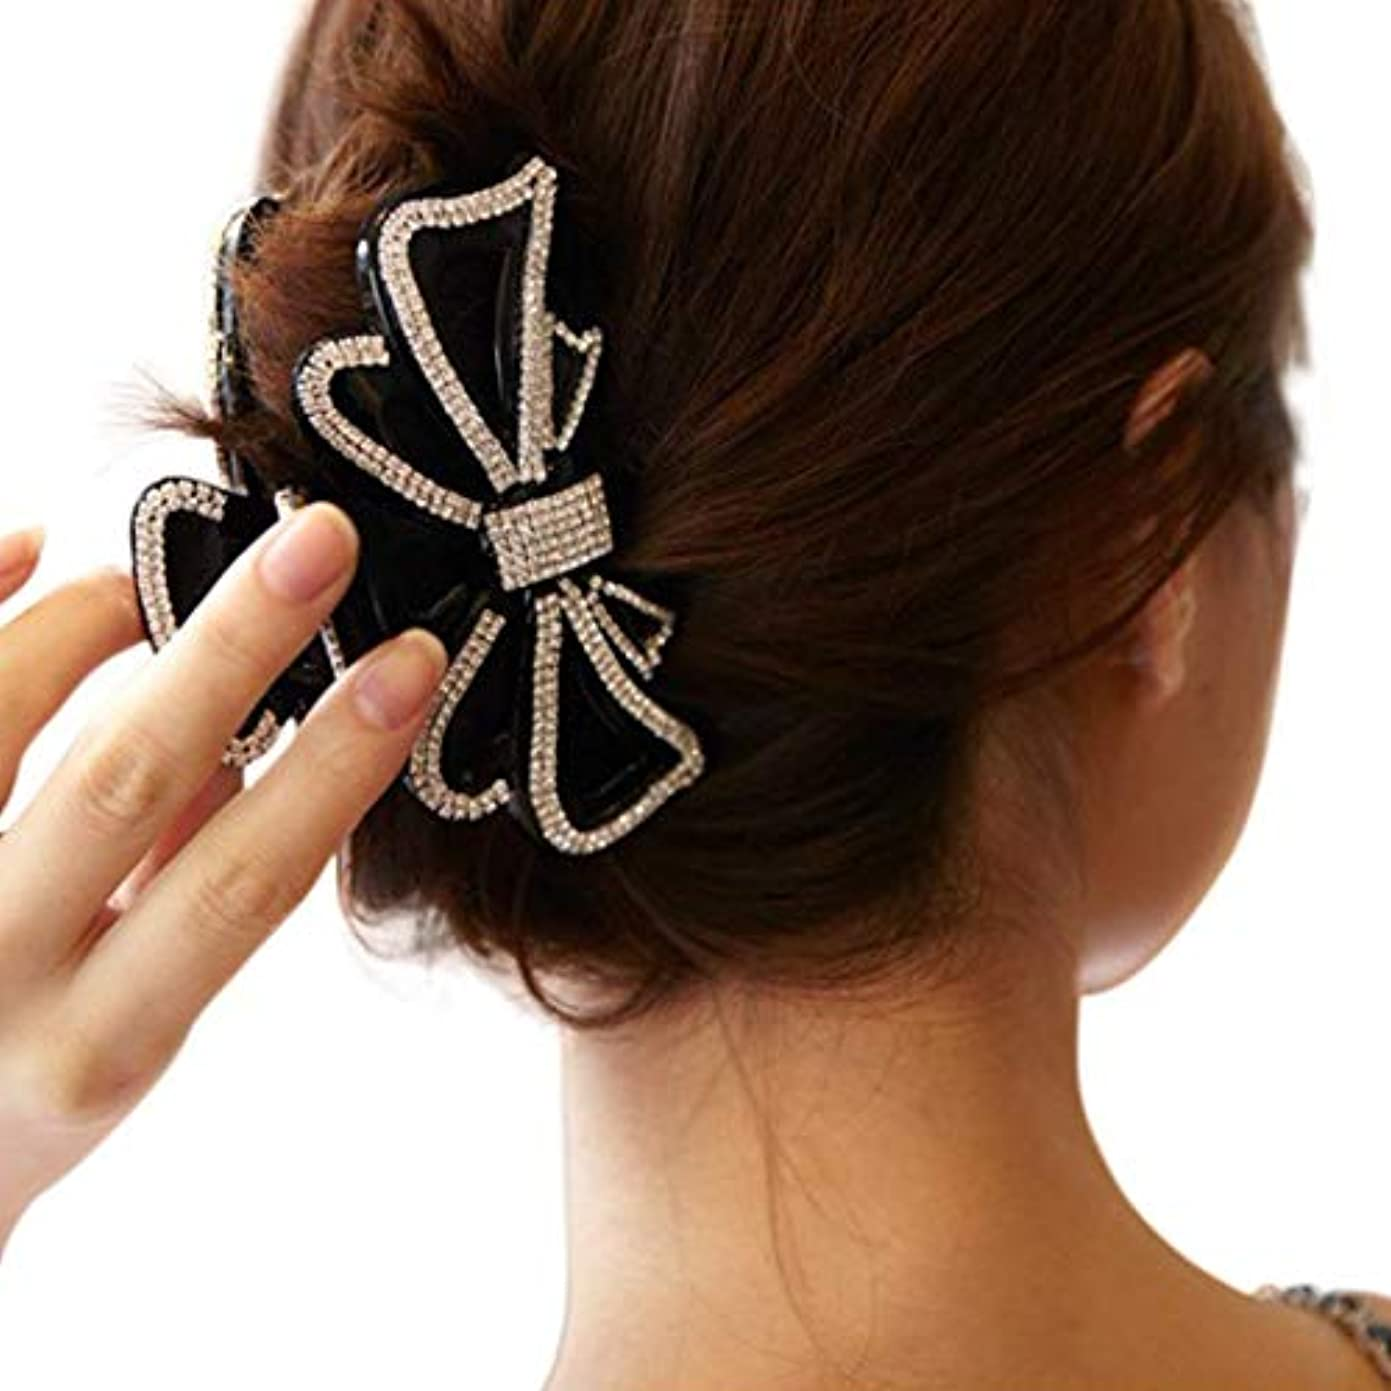 中国全滅させる代わりに1 ヘアクリップ ガールズ髪留めレディース ヘアアクセサリー リボン 人気 バレンタインデー 手芸